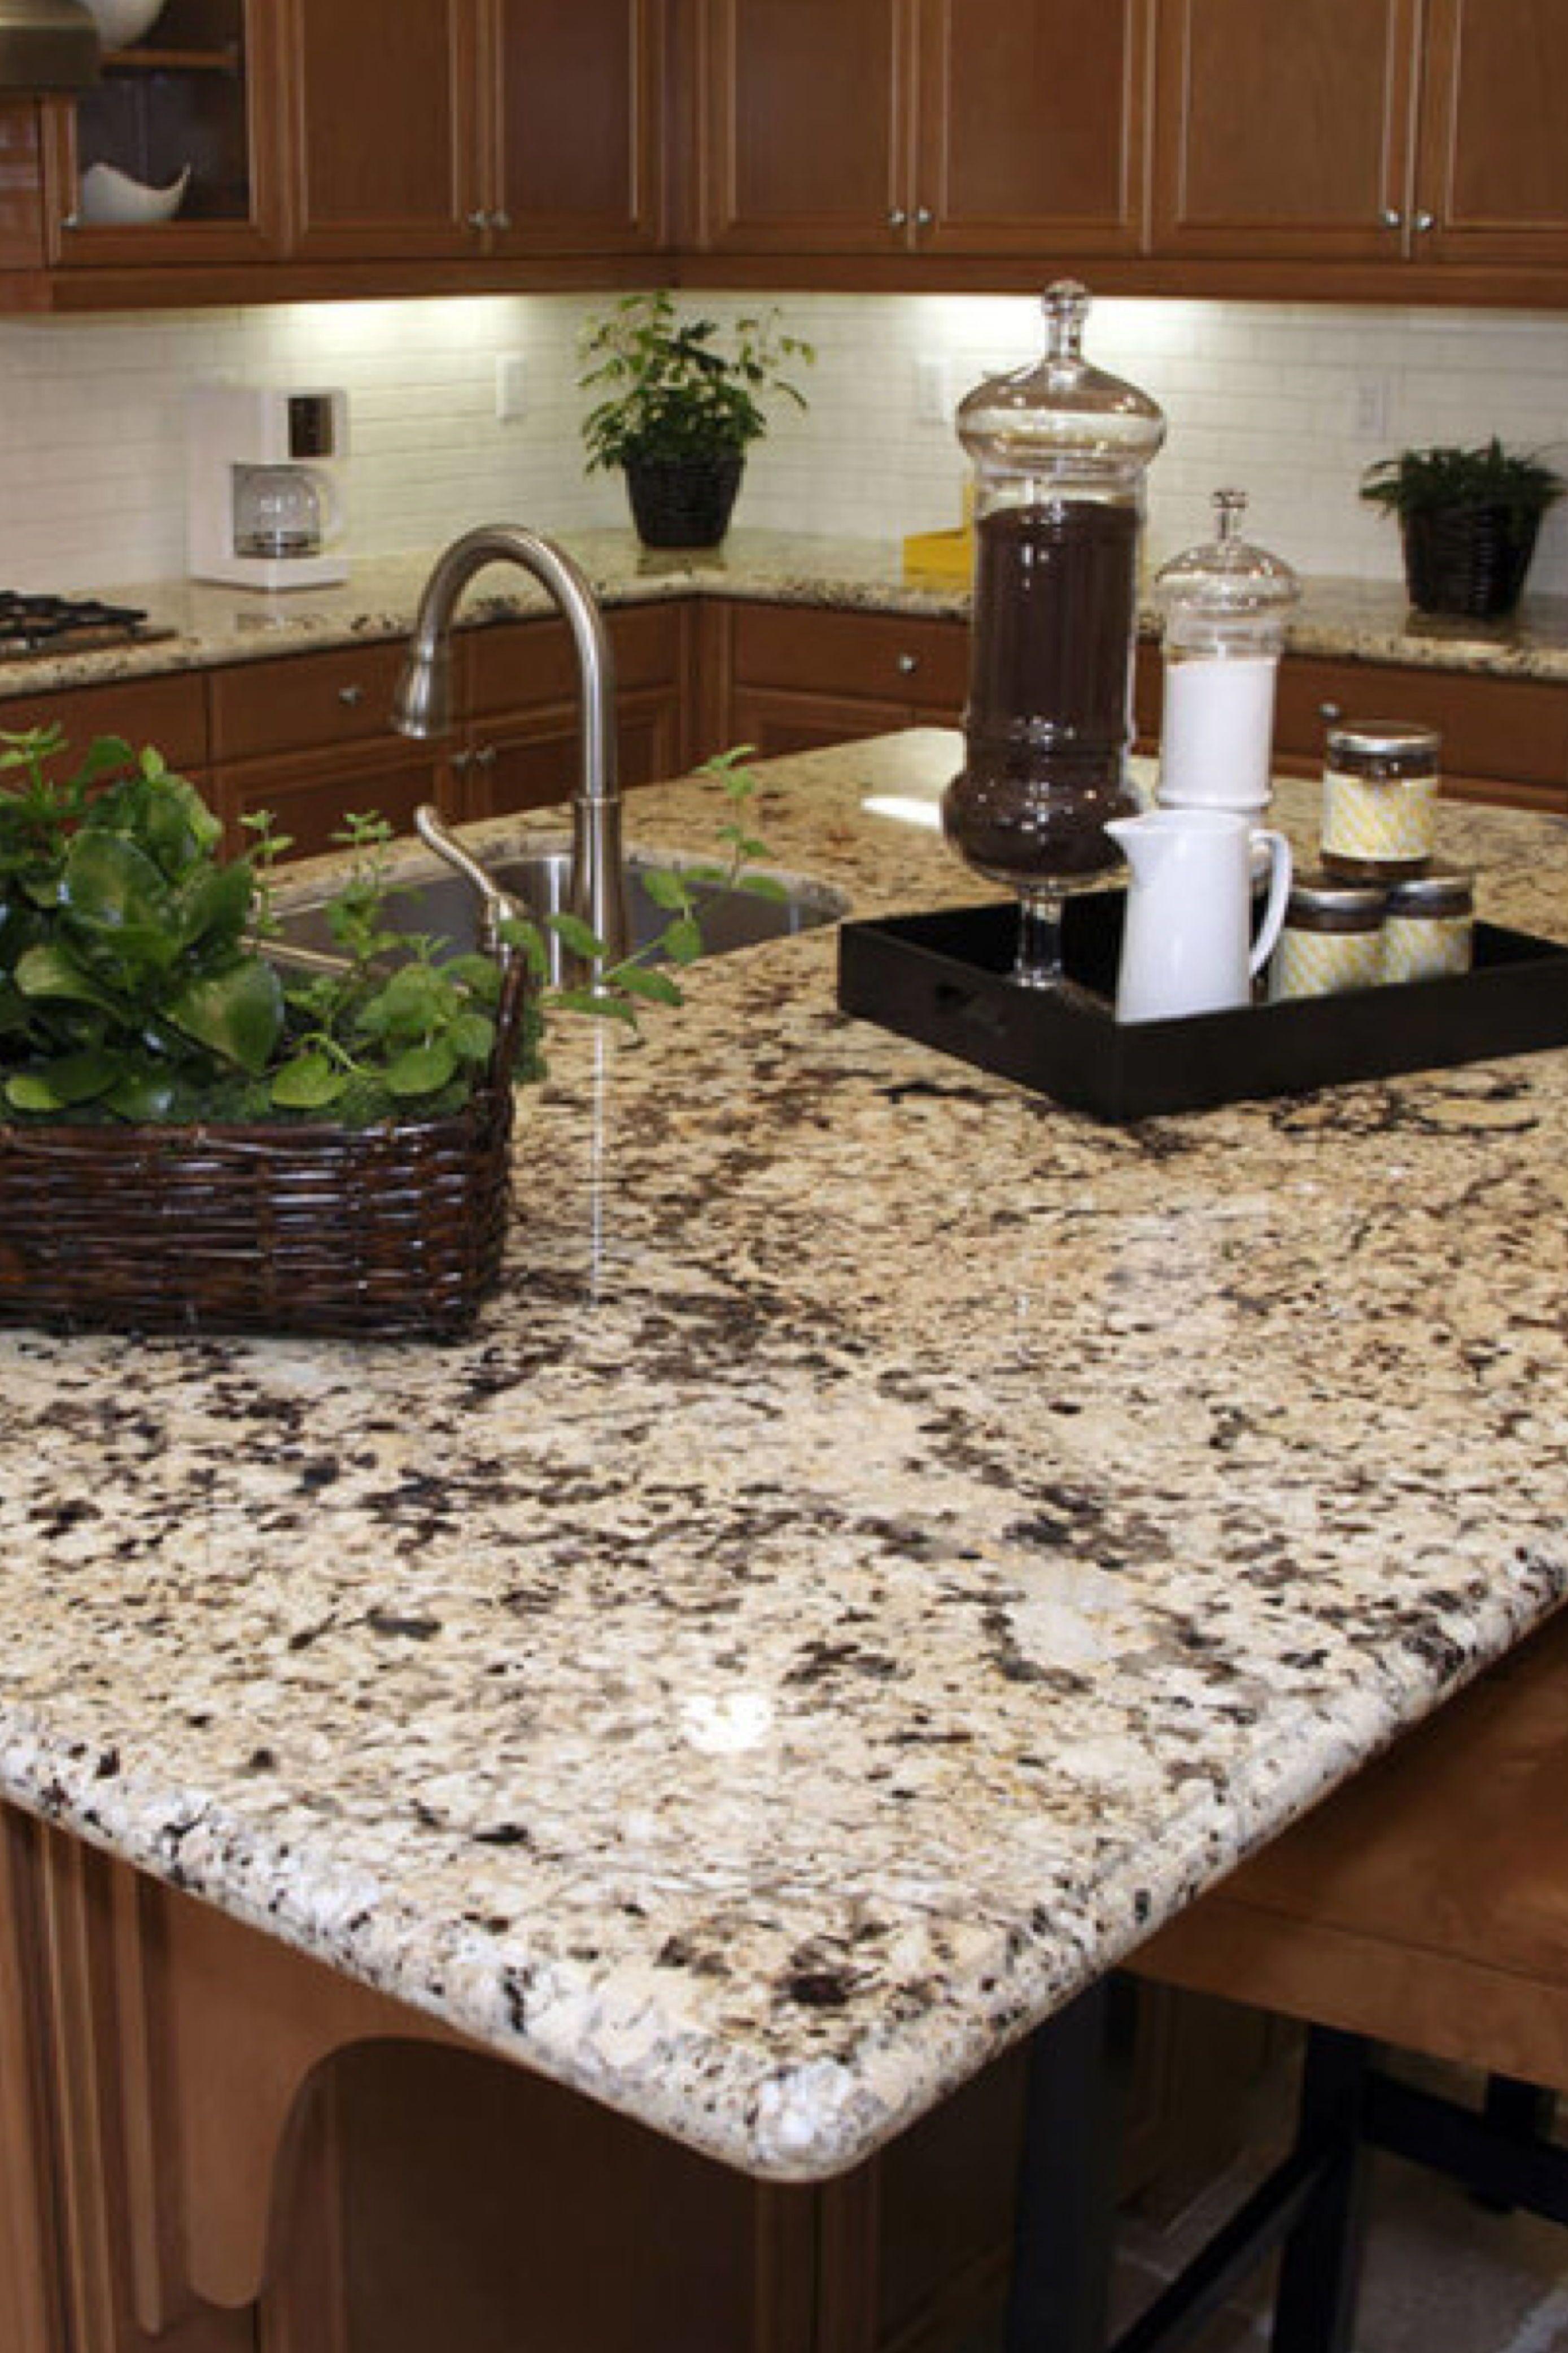 Delicatus Cream Granite Countertops Cost Reviews In 2020 Granite Kitchen Granite Kitchen Island Kitchen Cabinets And Granite